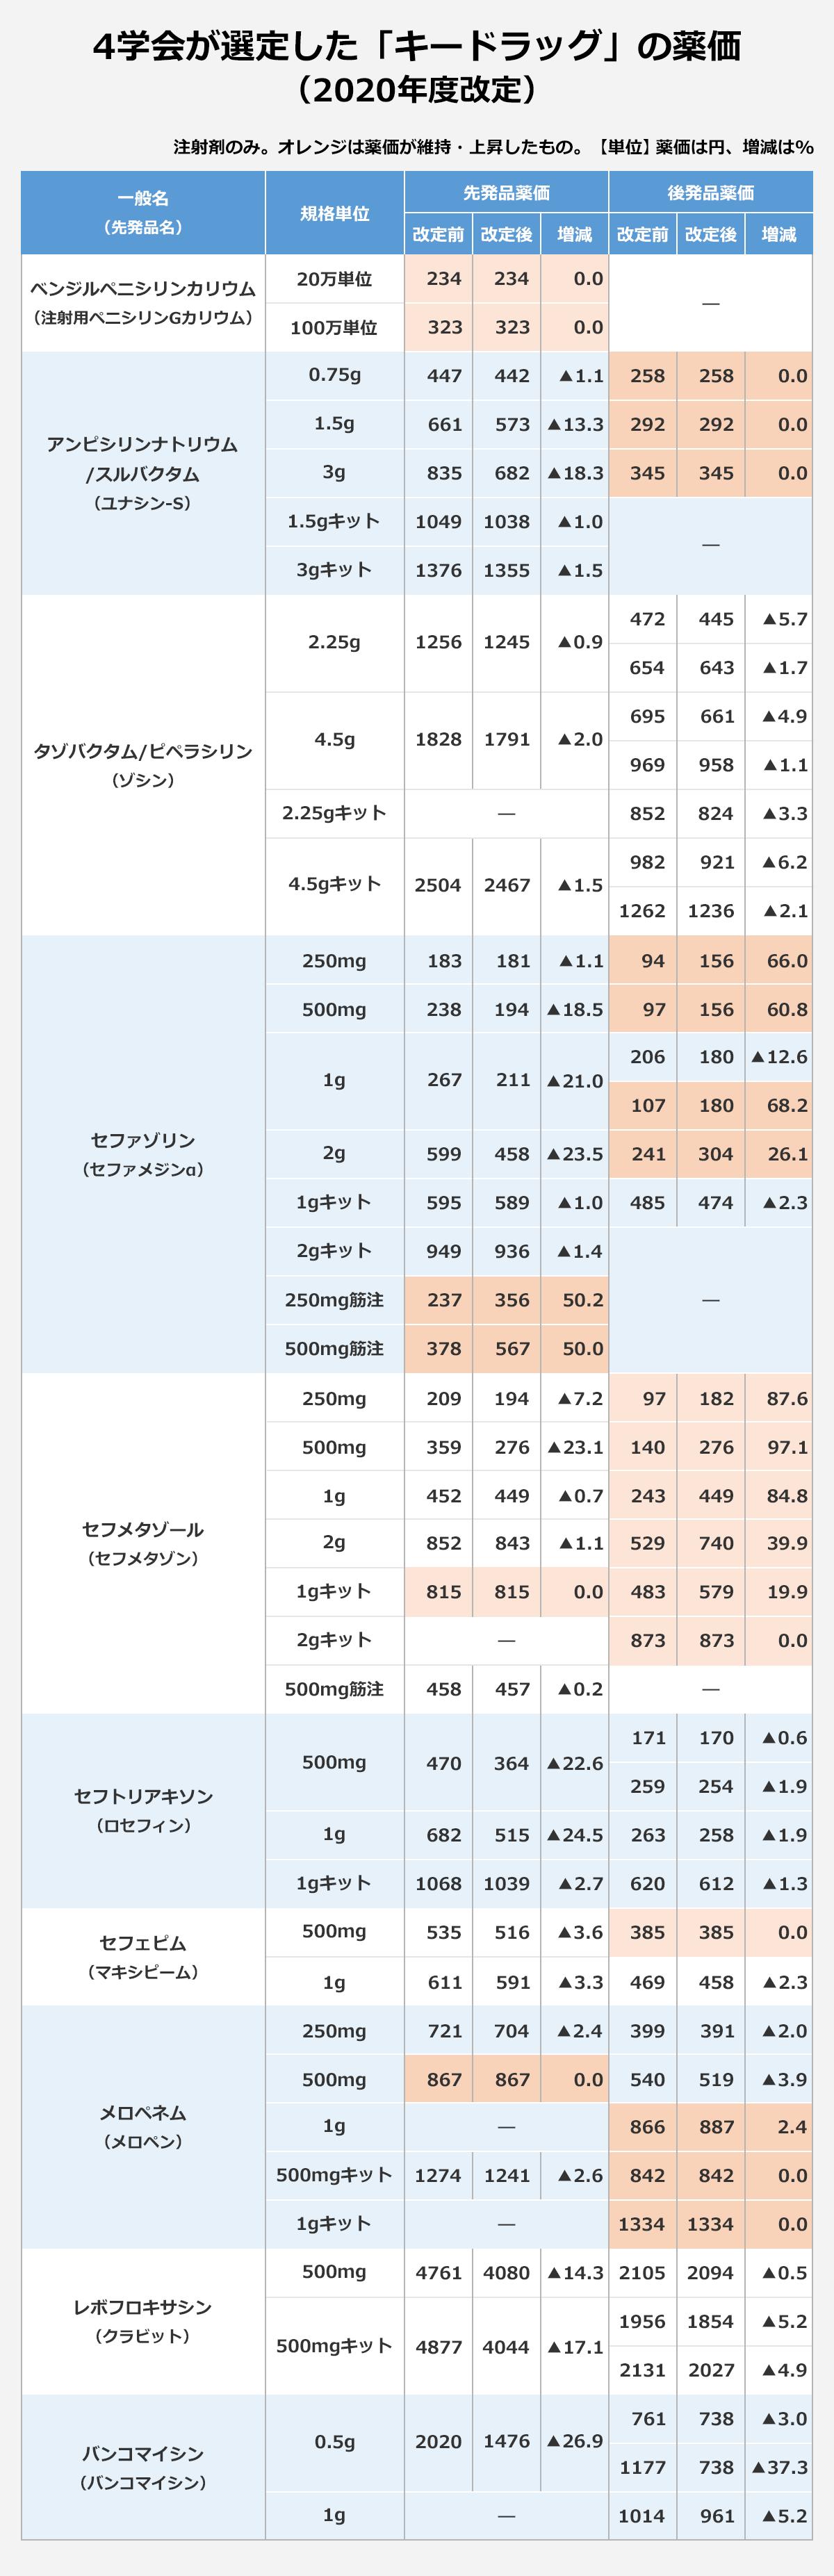 【4学会が選定した「キードラッグ」の薬価(2020年度改定)】(注射剤のみ。★は薬価が維持・上昇したもの。後発品薬価で2つにわかれたものは|で分割。【単位】薬価は円、増減は%)「一般名(先発品名)」/規格単位/先発品薬価改定前/改定後/増減/後発品薬価改定前/改定後/増減) 「ベンジルペニシリンカリウム(注射用ペニシリンGカリウム)」 /20万単位/★234/★234/★0.0/―/―/― |100万単位/★323/★323/★0.0/―/―/― |「アンピシリンナトリウム/スルバクタム(ユナシン-S)」 /0.75g/447/442/▲1.1/★258/★258/★0.0 |1.5g/661/573/▲13.3/★292/★292/★0.0 |3g/835/682/▲18.3/★345/★345/★0.0 |1.5gキット/1049/1038/▲1.0/―/―/― |3gキット/1376/1355/▲1.5/―/―/― |「タゾバクタム/ピペラシリン(ゾシン)」 |2.25g/1256/1245/▲0.9/472/445/▲5.7|654/643/▲1.7 |4.5g/1828/1791/▲2.0/695/661/4.9|969/958/▲1.1 |2.25gキット/―/―/―/852/824/▲3.3 |4.5gキット/2504/2467/▲1.5/982/921/▲6.2|1262/1236/▲2.1 「セファゾリン(セファメジンα)」 |250mg/183/181/▲1.1/★94/★156/★66.0 |500mg/238/194/▲18.5/★97/★156/★60.8 |1g/267/211/▲21.0/206/180/▲12.6|★107/★180/★68.2 |2g/599/458/▲23.5/★241/★304/★26.1 |1gキット/595/589/▲1.0/485/474/▲2.3 |2gキット/949/936/▲1.4/―/―/―/ |250mg筋注/★237/★356/★50.2/―/―/― |500mg筋注/★378/★567/★50.0/―/―/― |「セフメタゾール(セフメタゾン) /250mg/209/194/▲7.2/97/182/87.6 |500mg/359/276/▲23.1/140/276/97.1 |1g/452/449/▲0.7/243/449/84.8 |2g/852/843/▲1.1/529/740/39.9 |1gキット/★815/★815/★0.0/★483/★579/★19.9 |2gキット/―/―/―/873/873/0.0 |500mg筋注/458/457/▲0.2/―/―/― |「セフトリアキソン(ロセフィン)」 /500mg/470/364/▲22.6/171/170/0.6|259/254/▲1.9 |1g/682/515/▲24.5/263/258/▲1.9 |1gキット/1068/1039/▲2.7/620/612/▲1.3 「セフェピム(マキシピーム)」 /500mg/535/516/▲3.6/385/385/0.0 |1g/611/591/▲3.3/469/458/▲2.3 「メロペネム(メロペン)」 /250mg/721/704/▲2.4/399/391/▲2.0 |500mg/★867/★867/★0.0/540/519/▲3.9 |1g/―/―/―/★866/★887/★2.4 |500mgキット/1274/1241/▲2.6/★842/★842/★0.0 |1gキット/―/―/―/★1334/★1334/★0.0 |「レボフロキサシン(クラビット) /500mg/4761/4080/▲14.3/2105/2094/▲0.5 |500mgキット/4877/4044/▲17.1/1956/1854/▲5.2|2131/2027/▲4.9 |「バンコマイシン(バンコマイシン) /0.5g/2020/1476/▲26.9/761/738/3.0|1177/738/▲37.3 |1g/―/―/―/1014/961/▲5.2